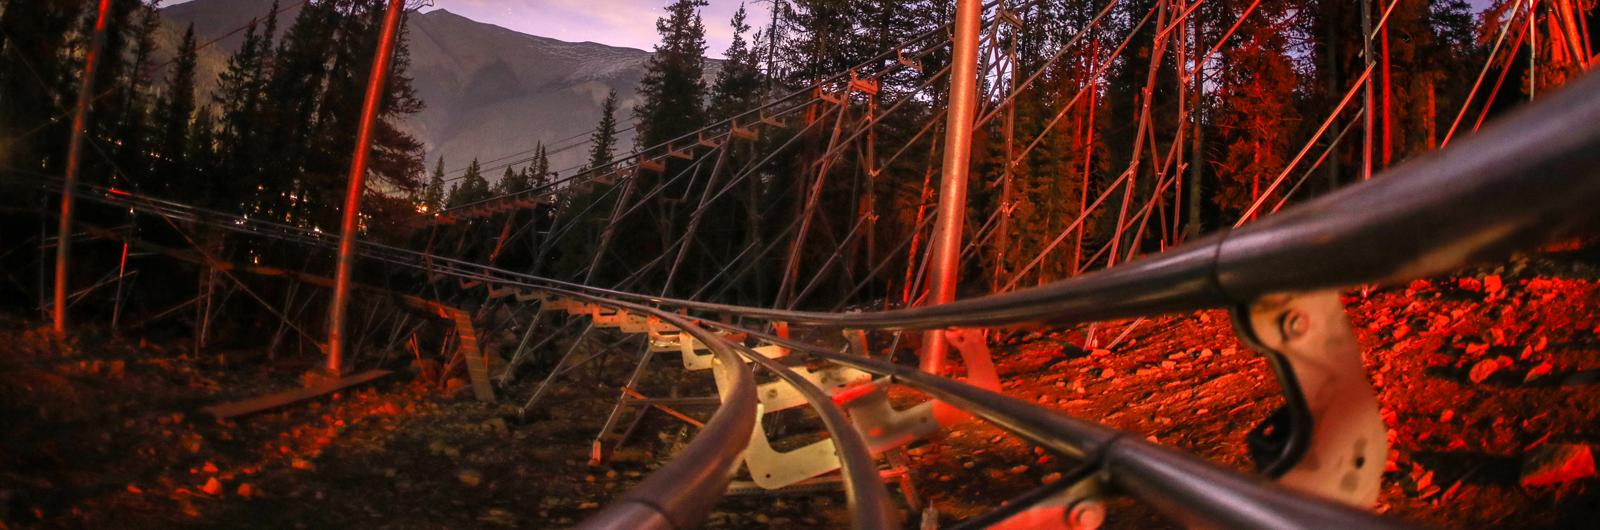 A Giant Roller Coaster Through the Rocky Mountains